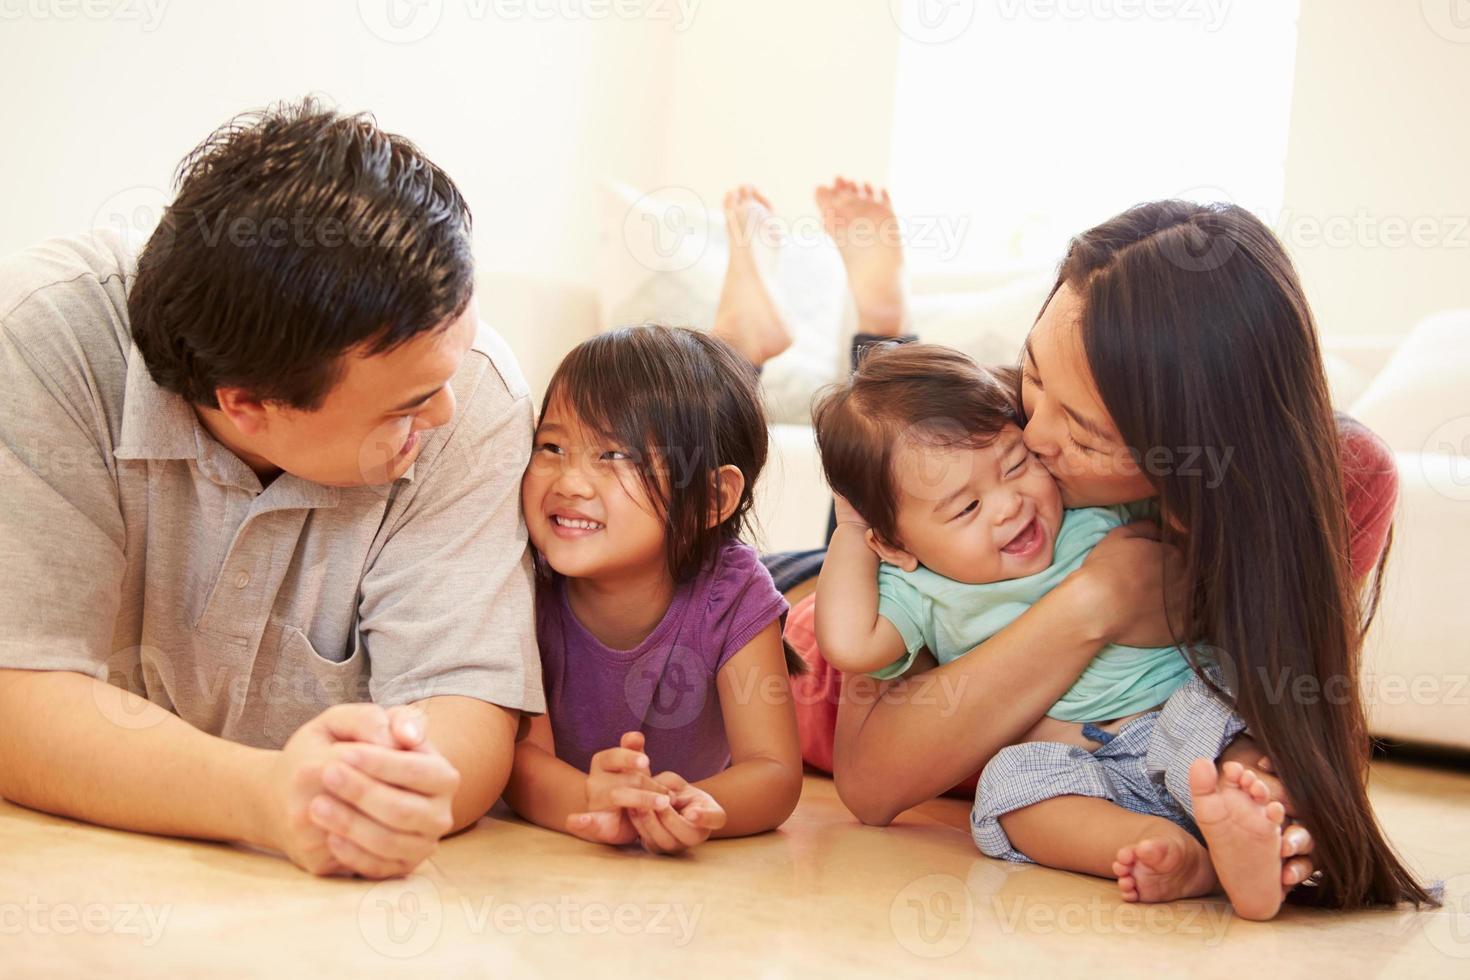 porträtt av familjen som ligger på golvet hemma foto